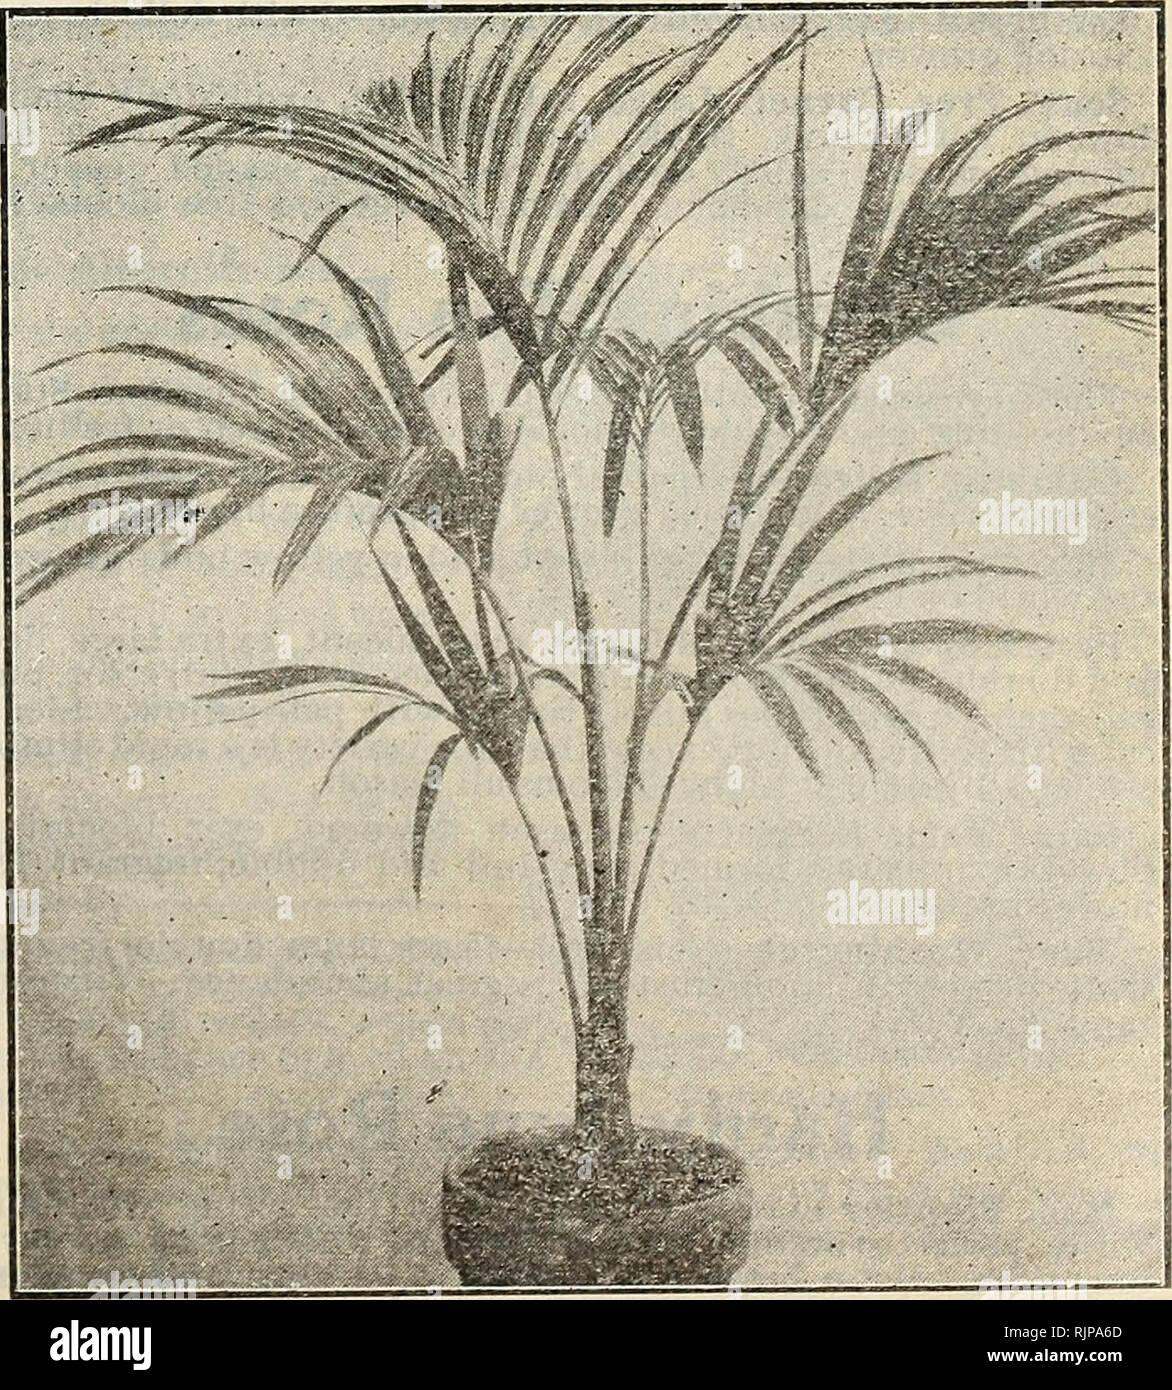 Herbst Katalog Blumenzwiebeln Pflanzen Und Samen Samen Kataloge